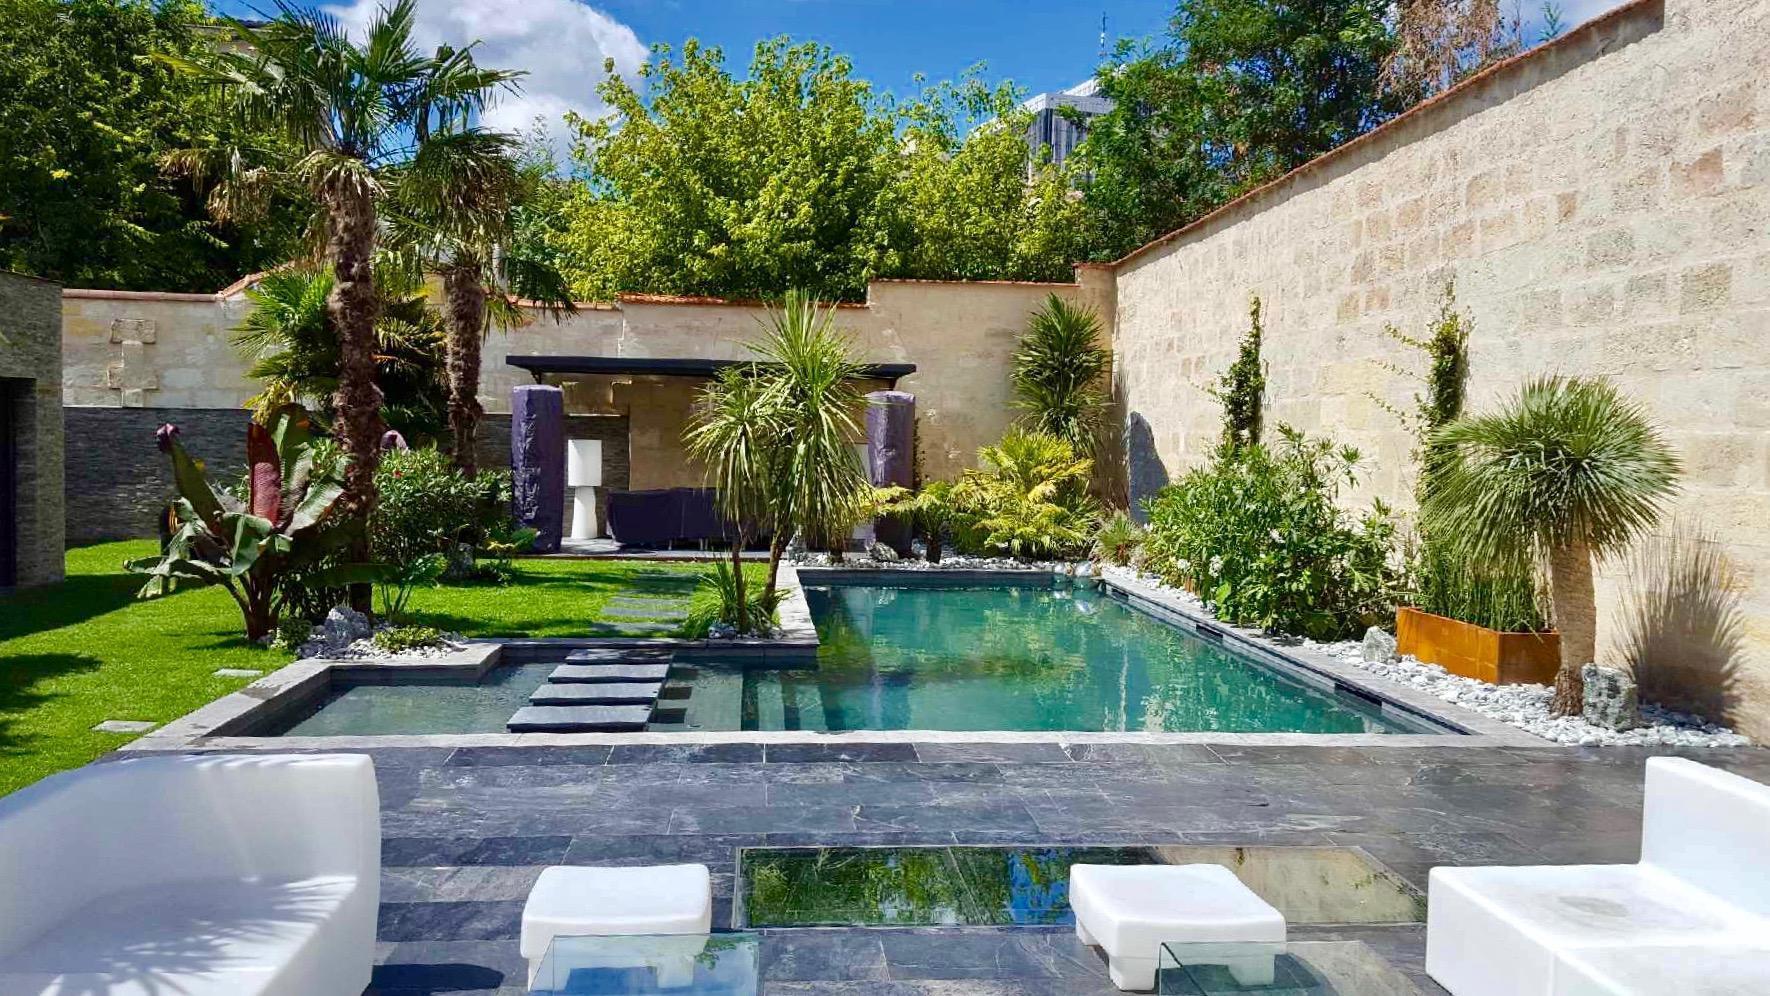 piscine style bassin ancien avec jardin exotique